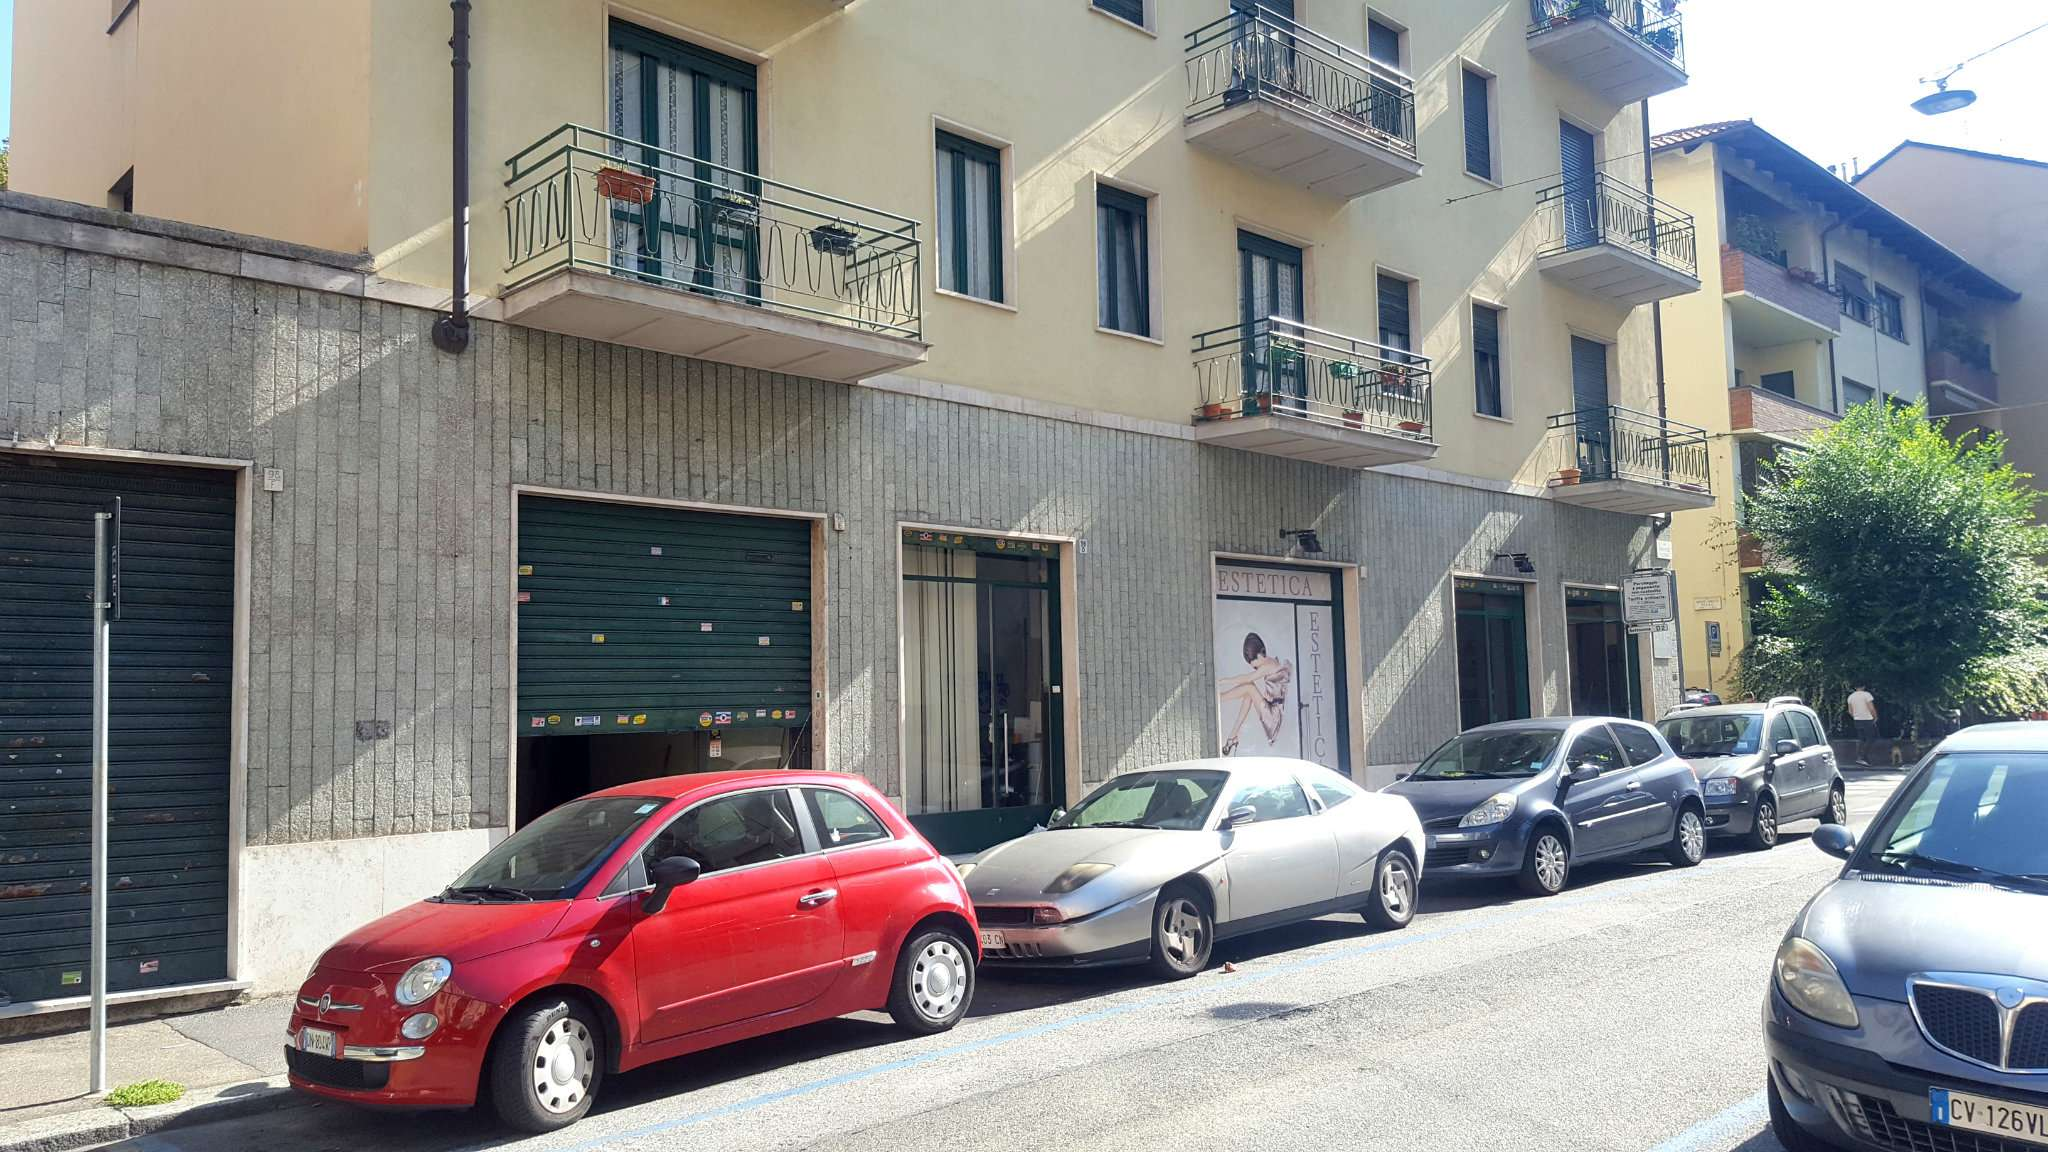 Negozio / Locale in affitto a Torino, 2 locali, zona San Donato, Cit Turin, Campidoglio,, prezzo € 390   PortaleAgenzieImmobiliari.it